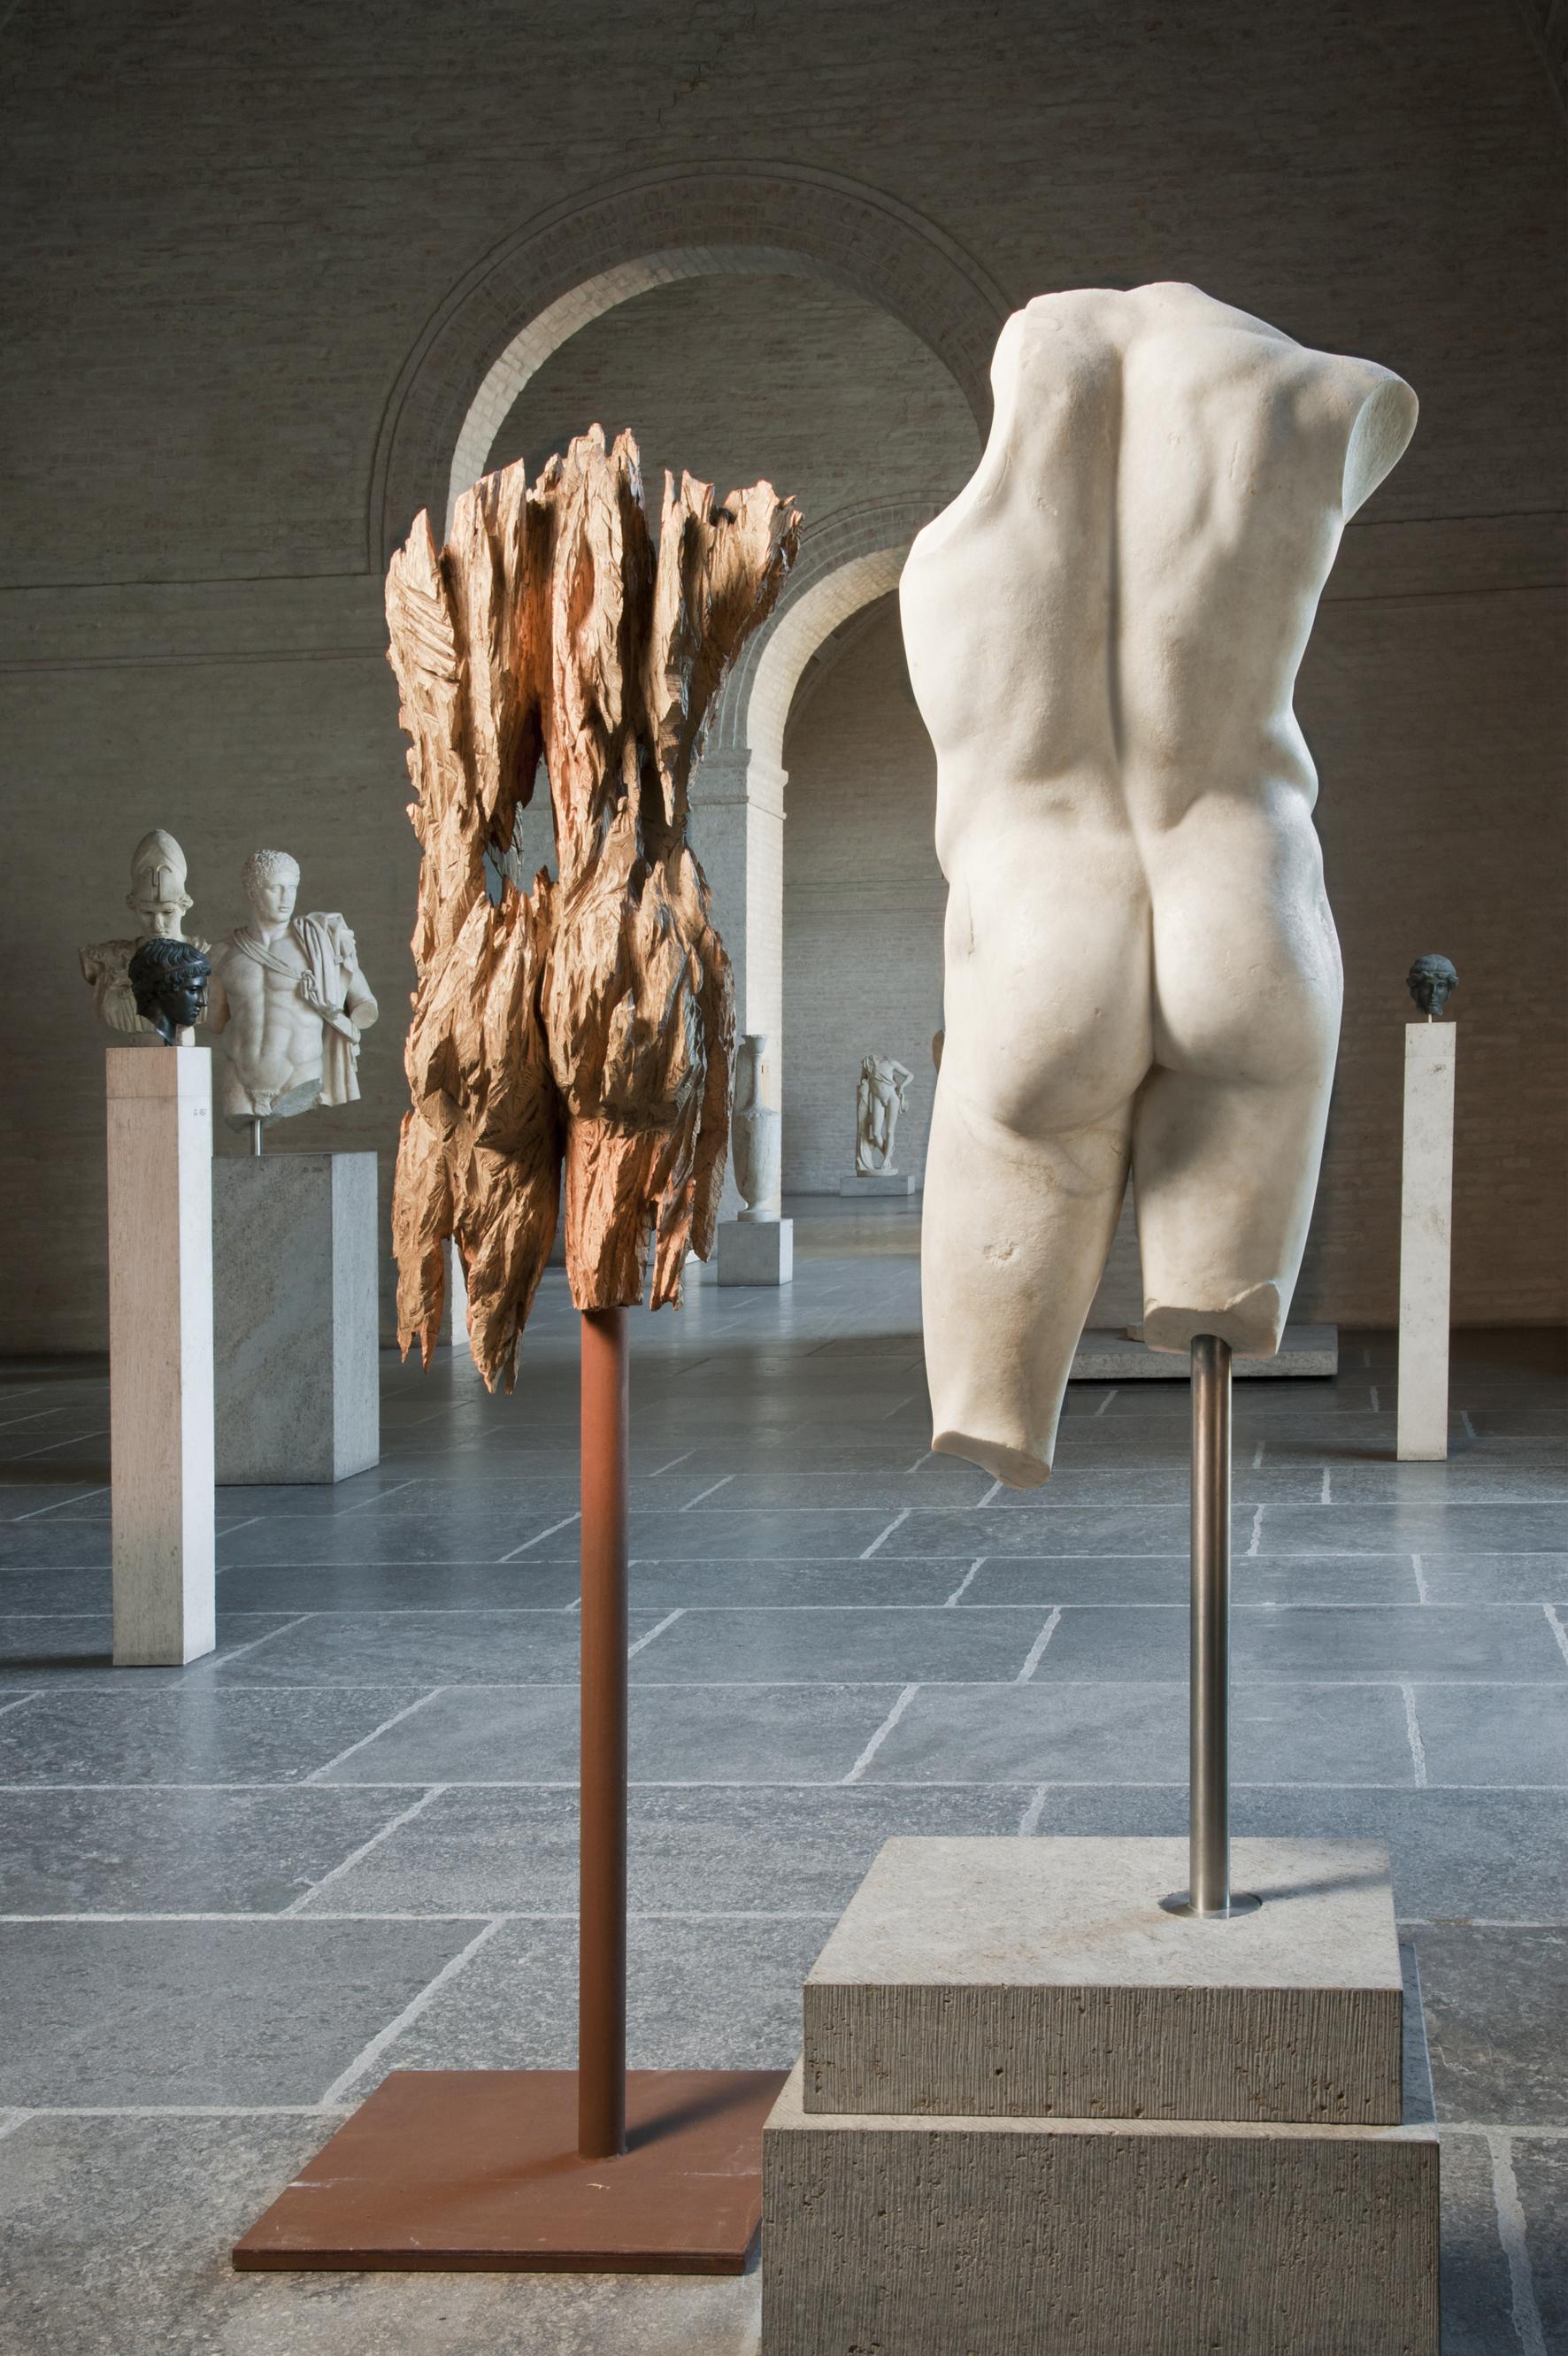 Andreas Kuhnlein, Torso männlich, 2014, Eiche, 120 x 50 x 34 cm © Staatliche Antikensammlungen und Glyptothek München, fotografiert von Renate Kühling